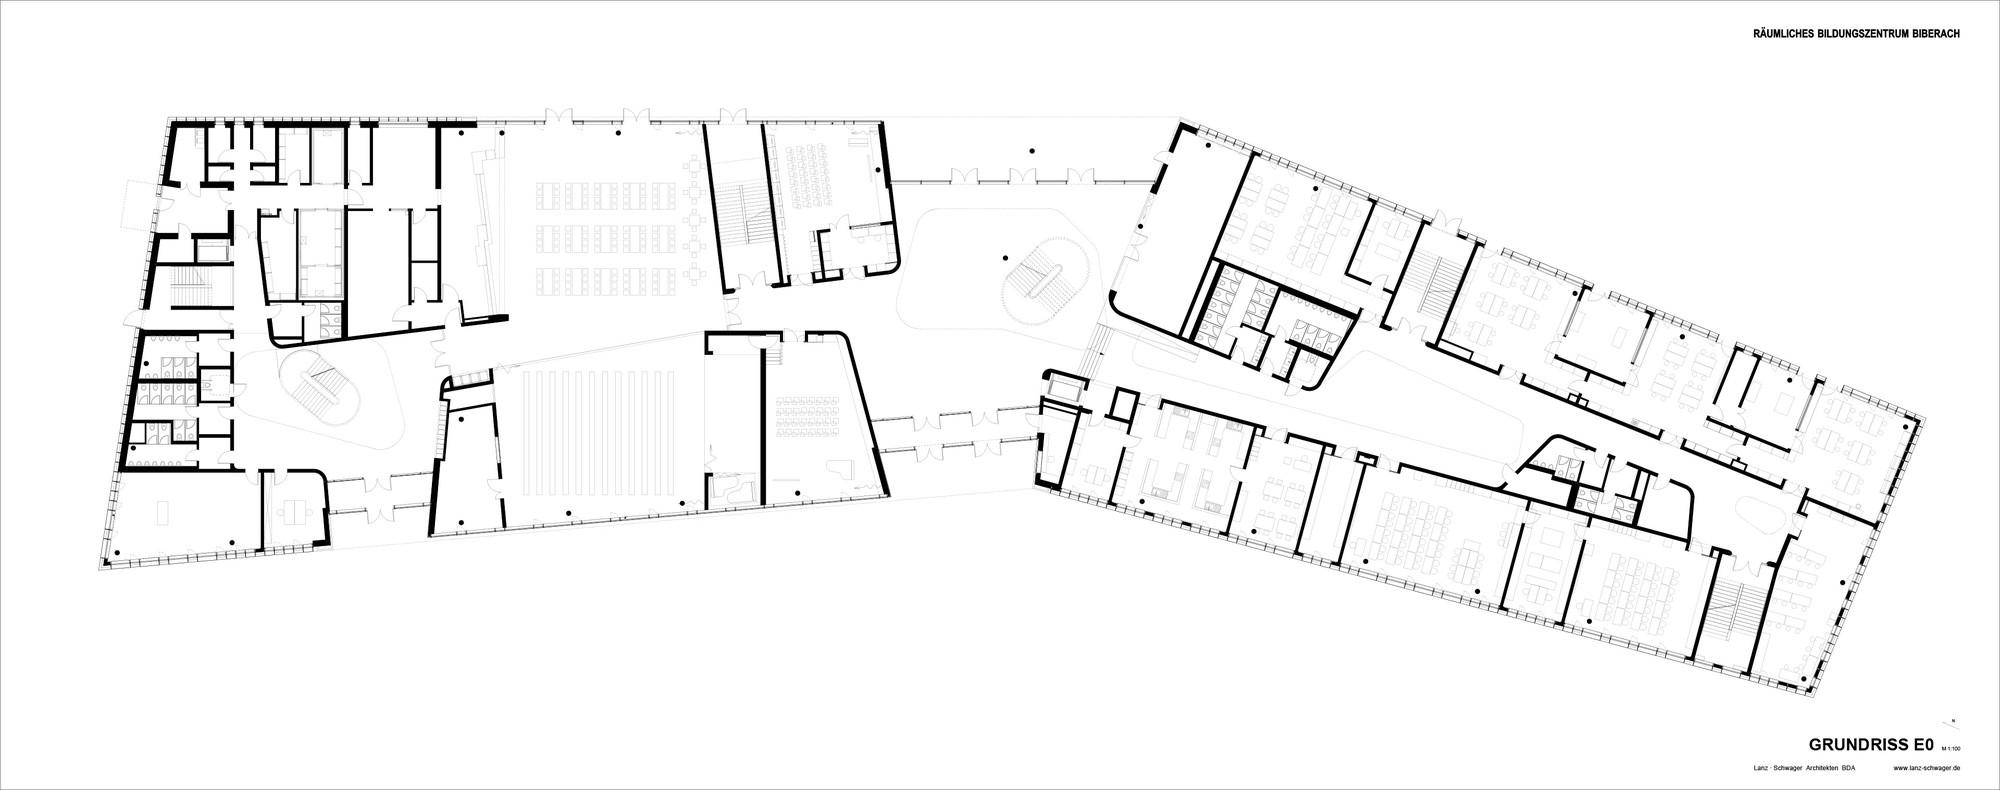 Architekten Biberach gallery of learning centre biberach lanz schwager architekten 50